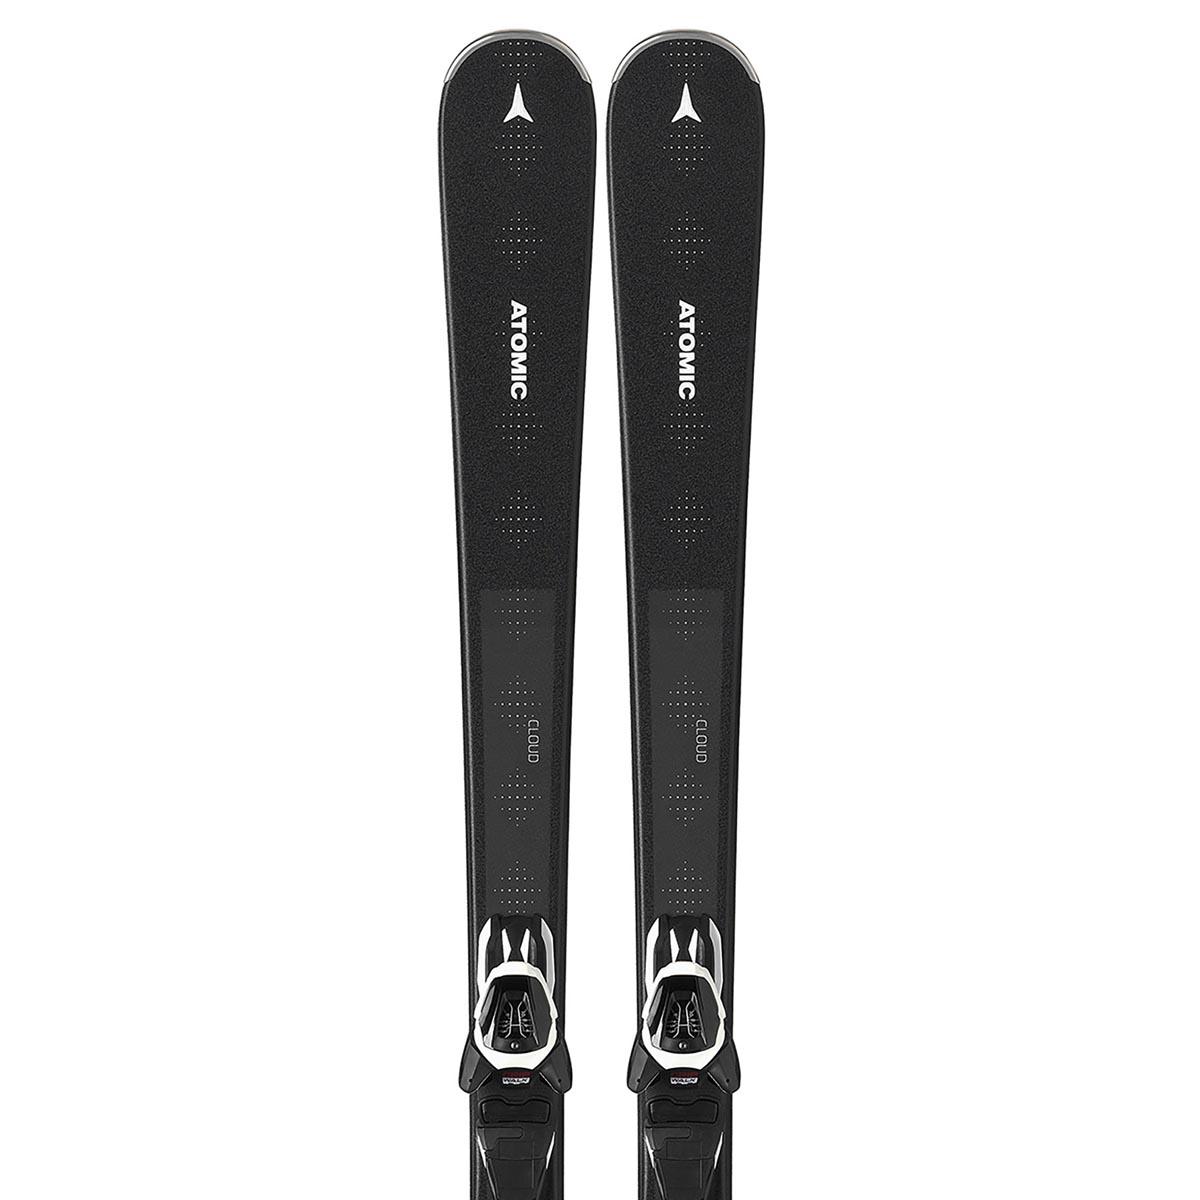 Комплект: лыжи + крепления CLOUD 7 + L 10 GW